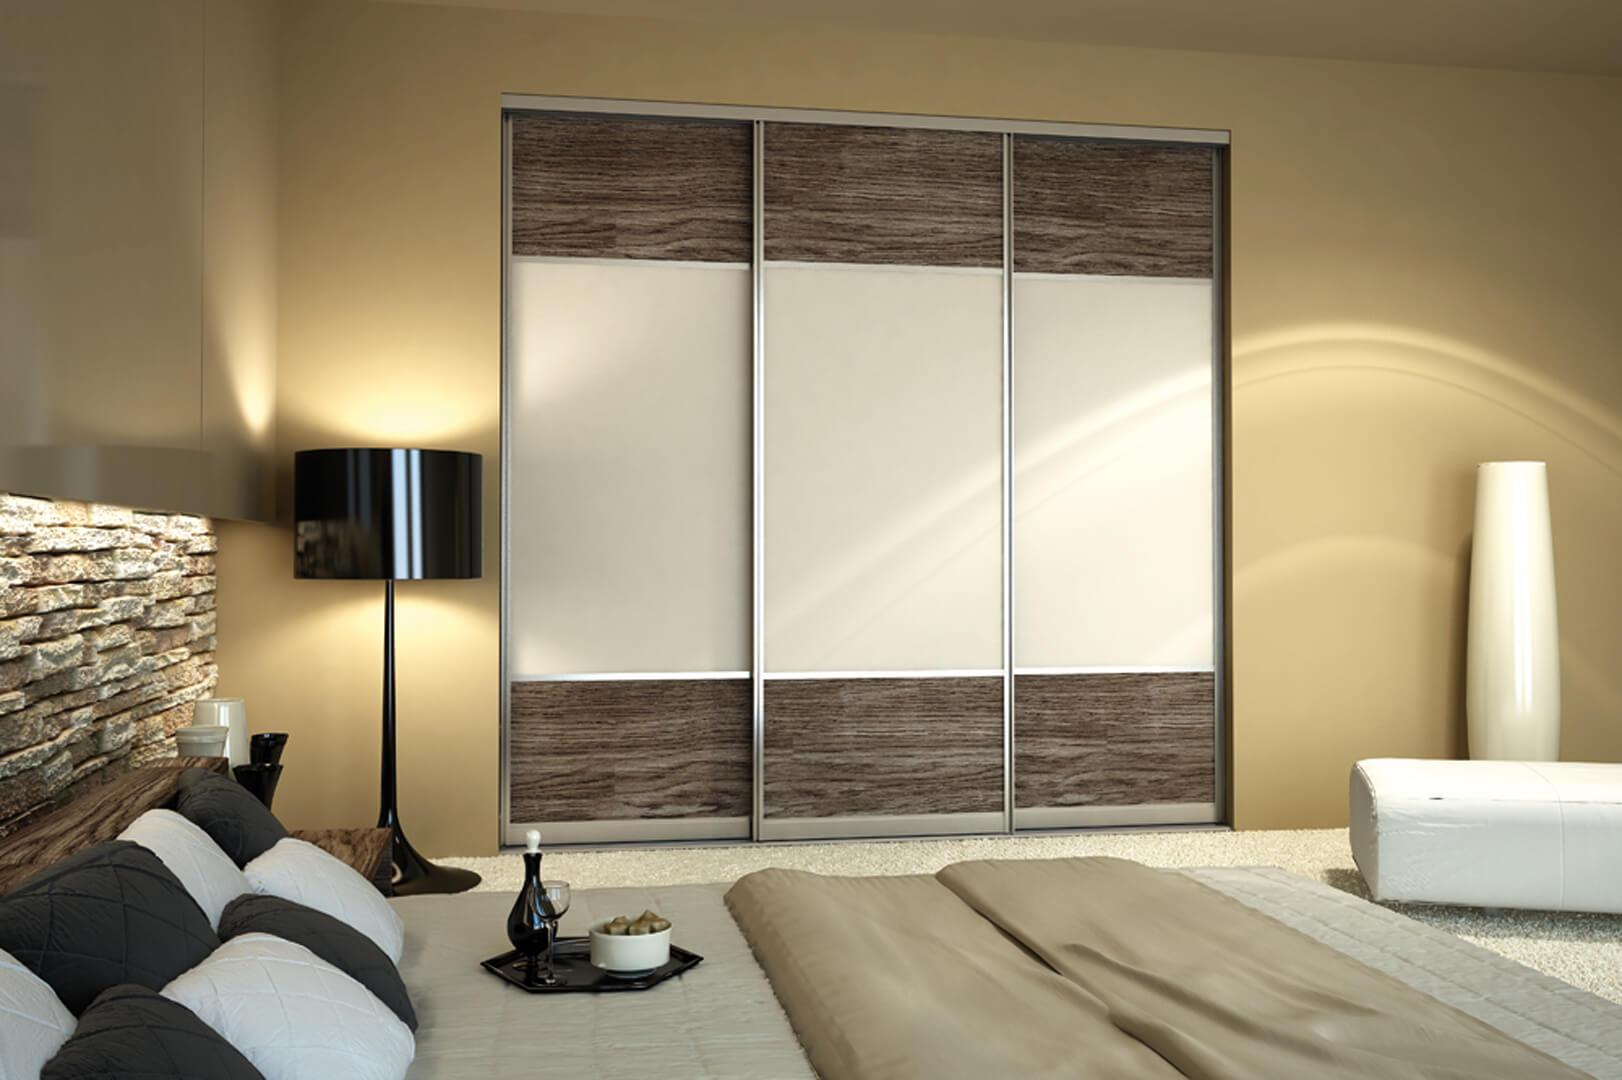 Wizualizacja drewnianych ciemnych drzwi przesuwnych z białymi wstawkami pomiędzy